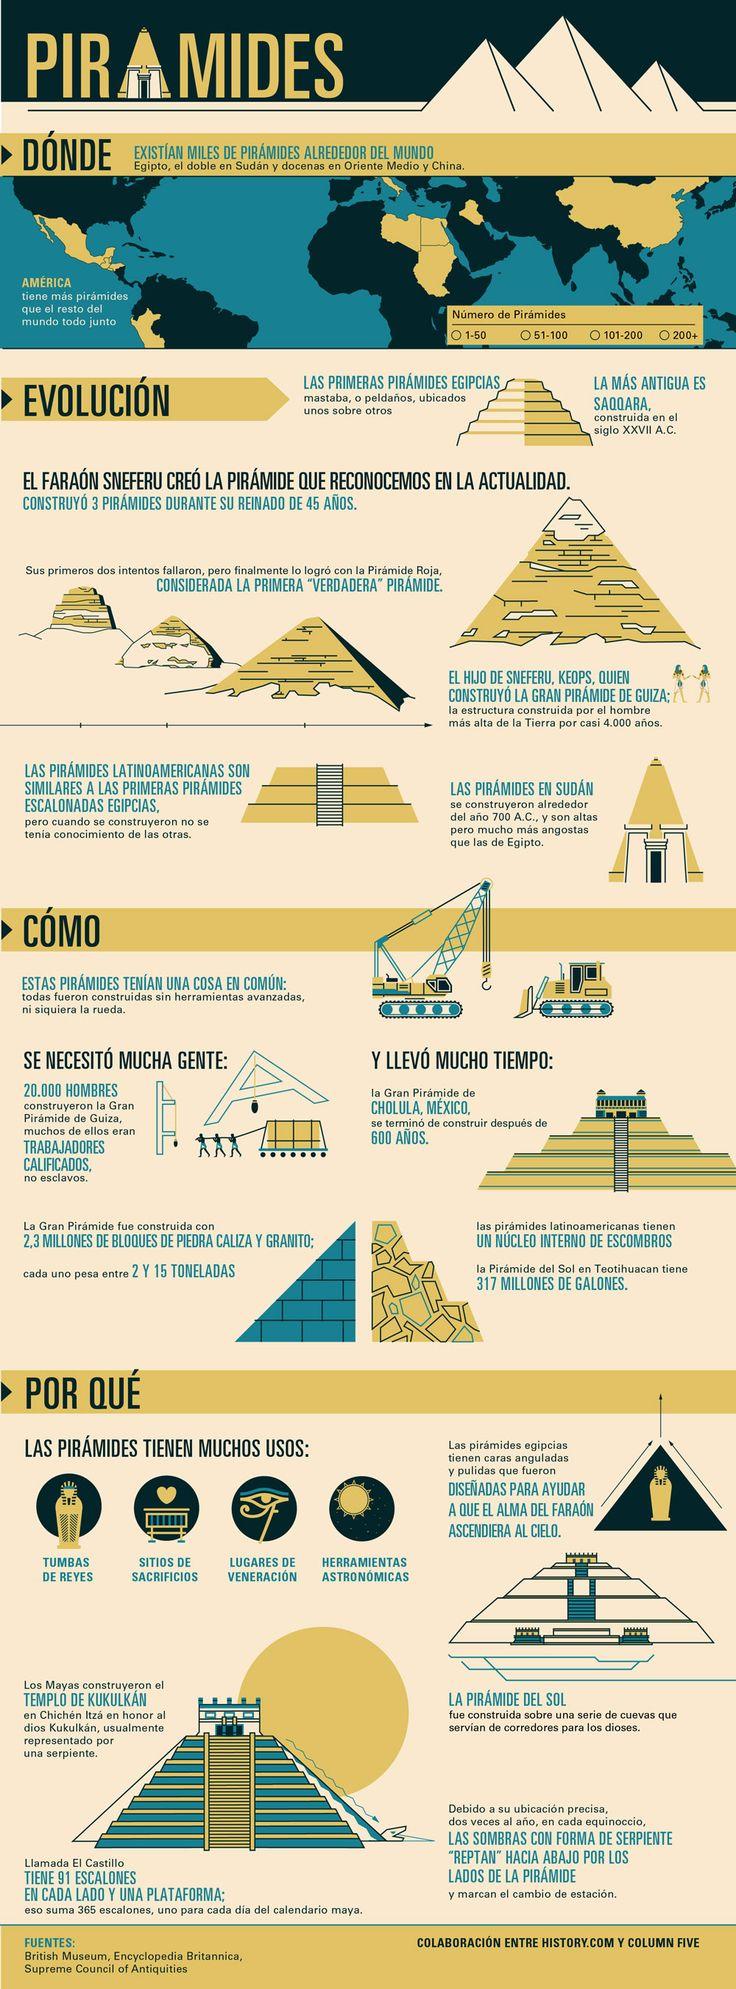 La pirámide más antigua se construyó 27 siglos antes de Cristo. Humanidad: La Historia de Todos Nosotros.